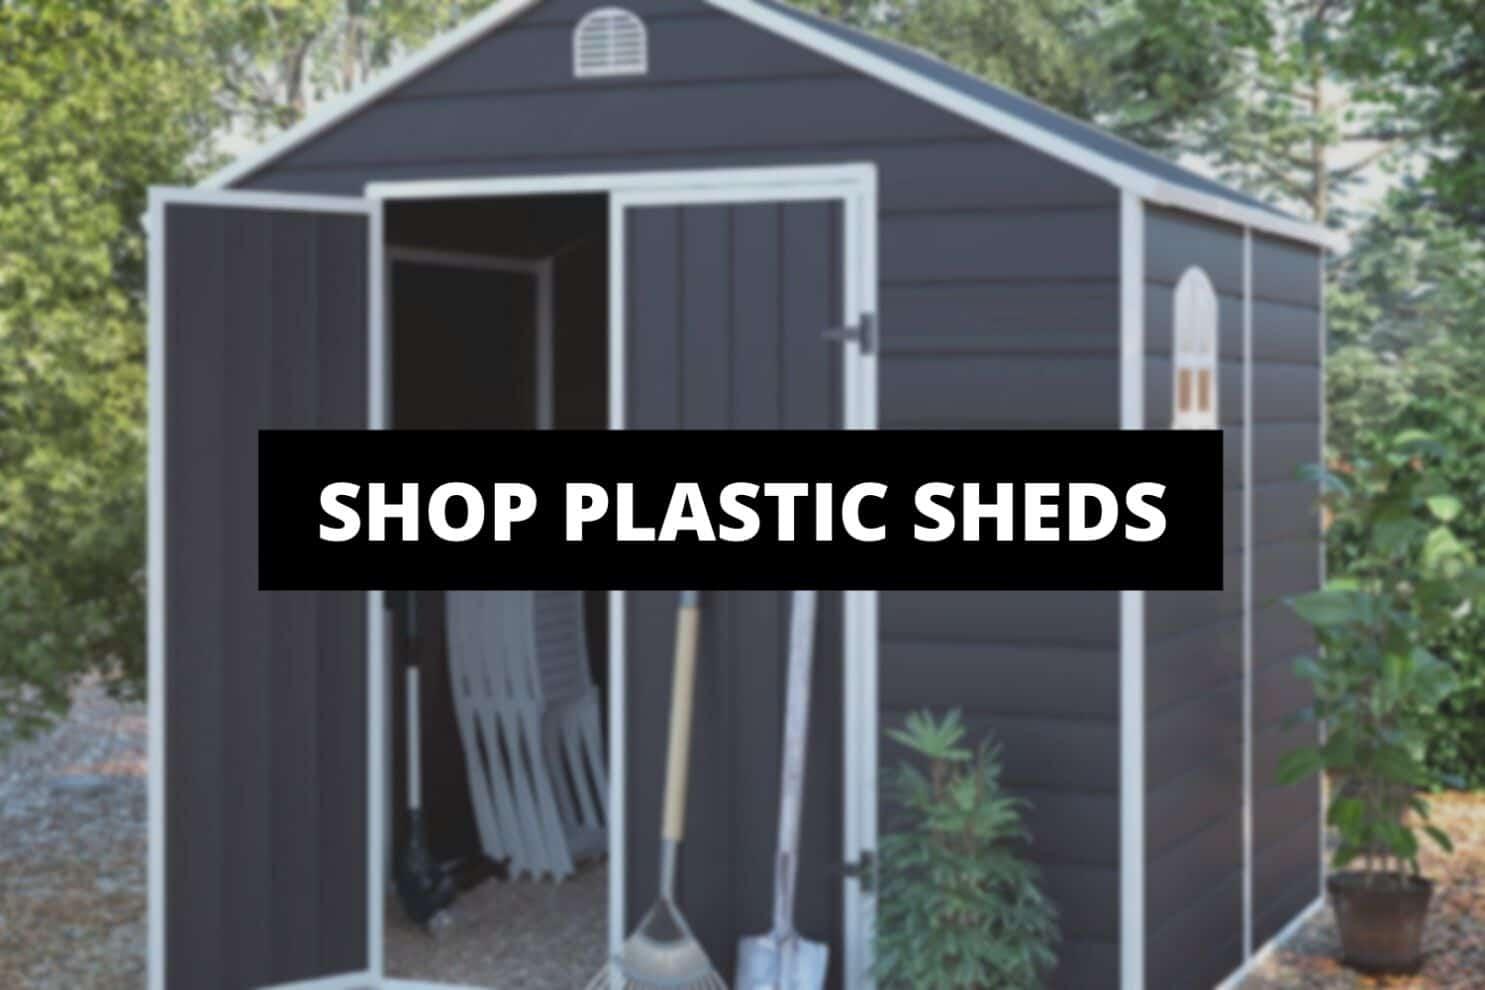 plastic-garden-shed-shop-plastic-sheds